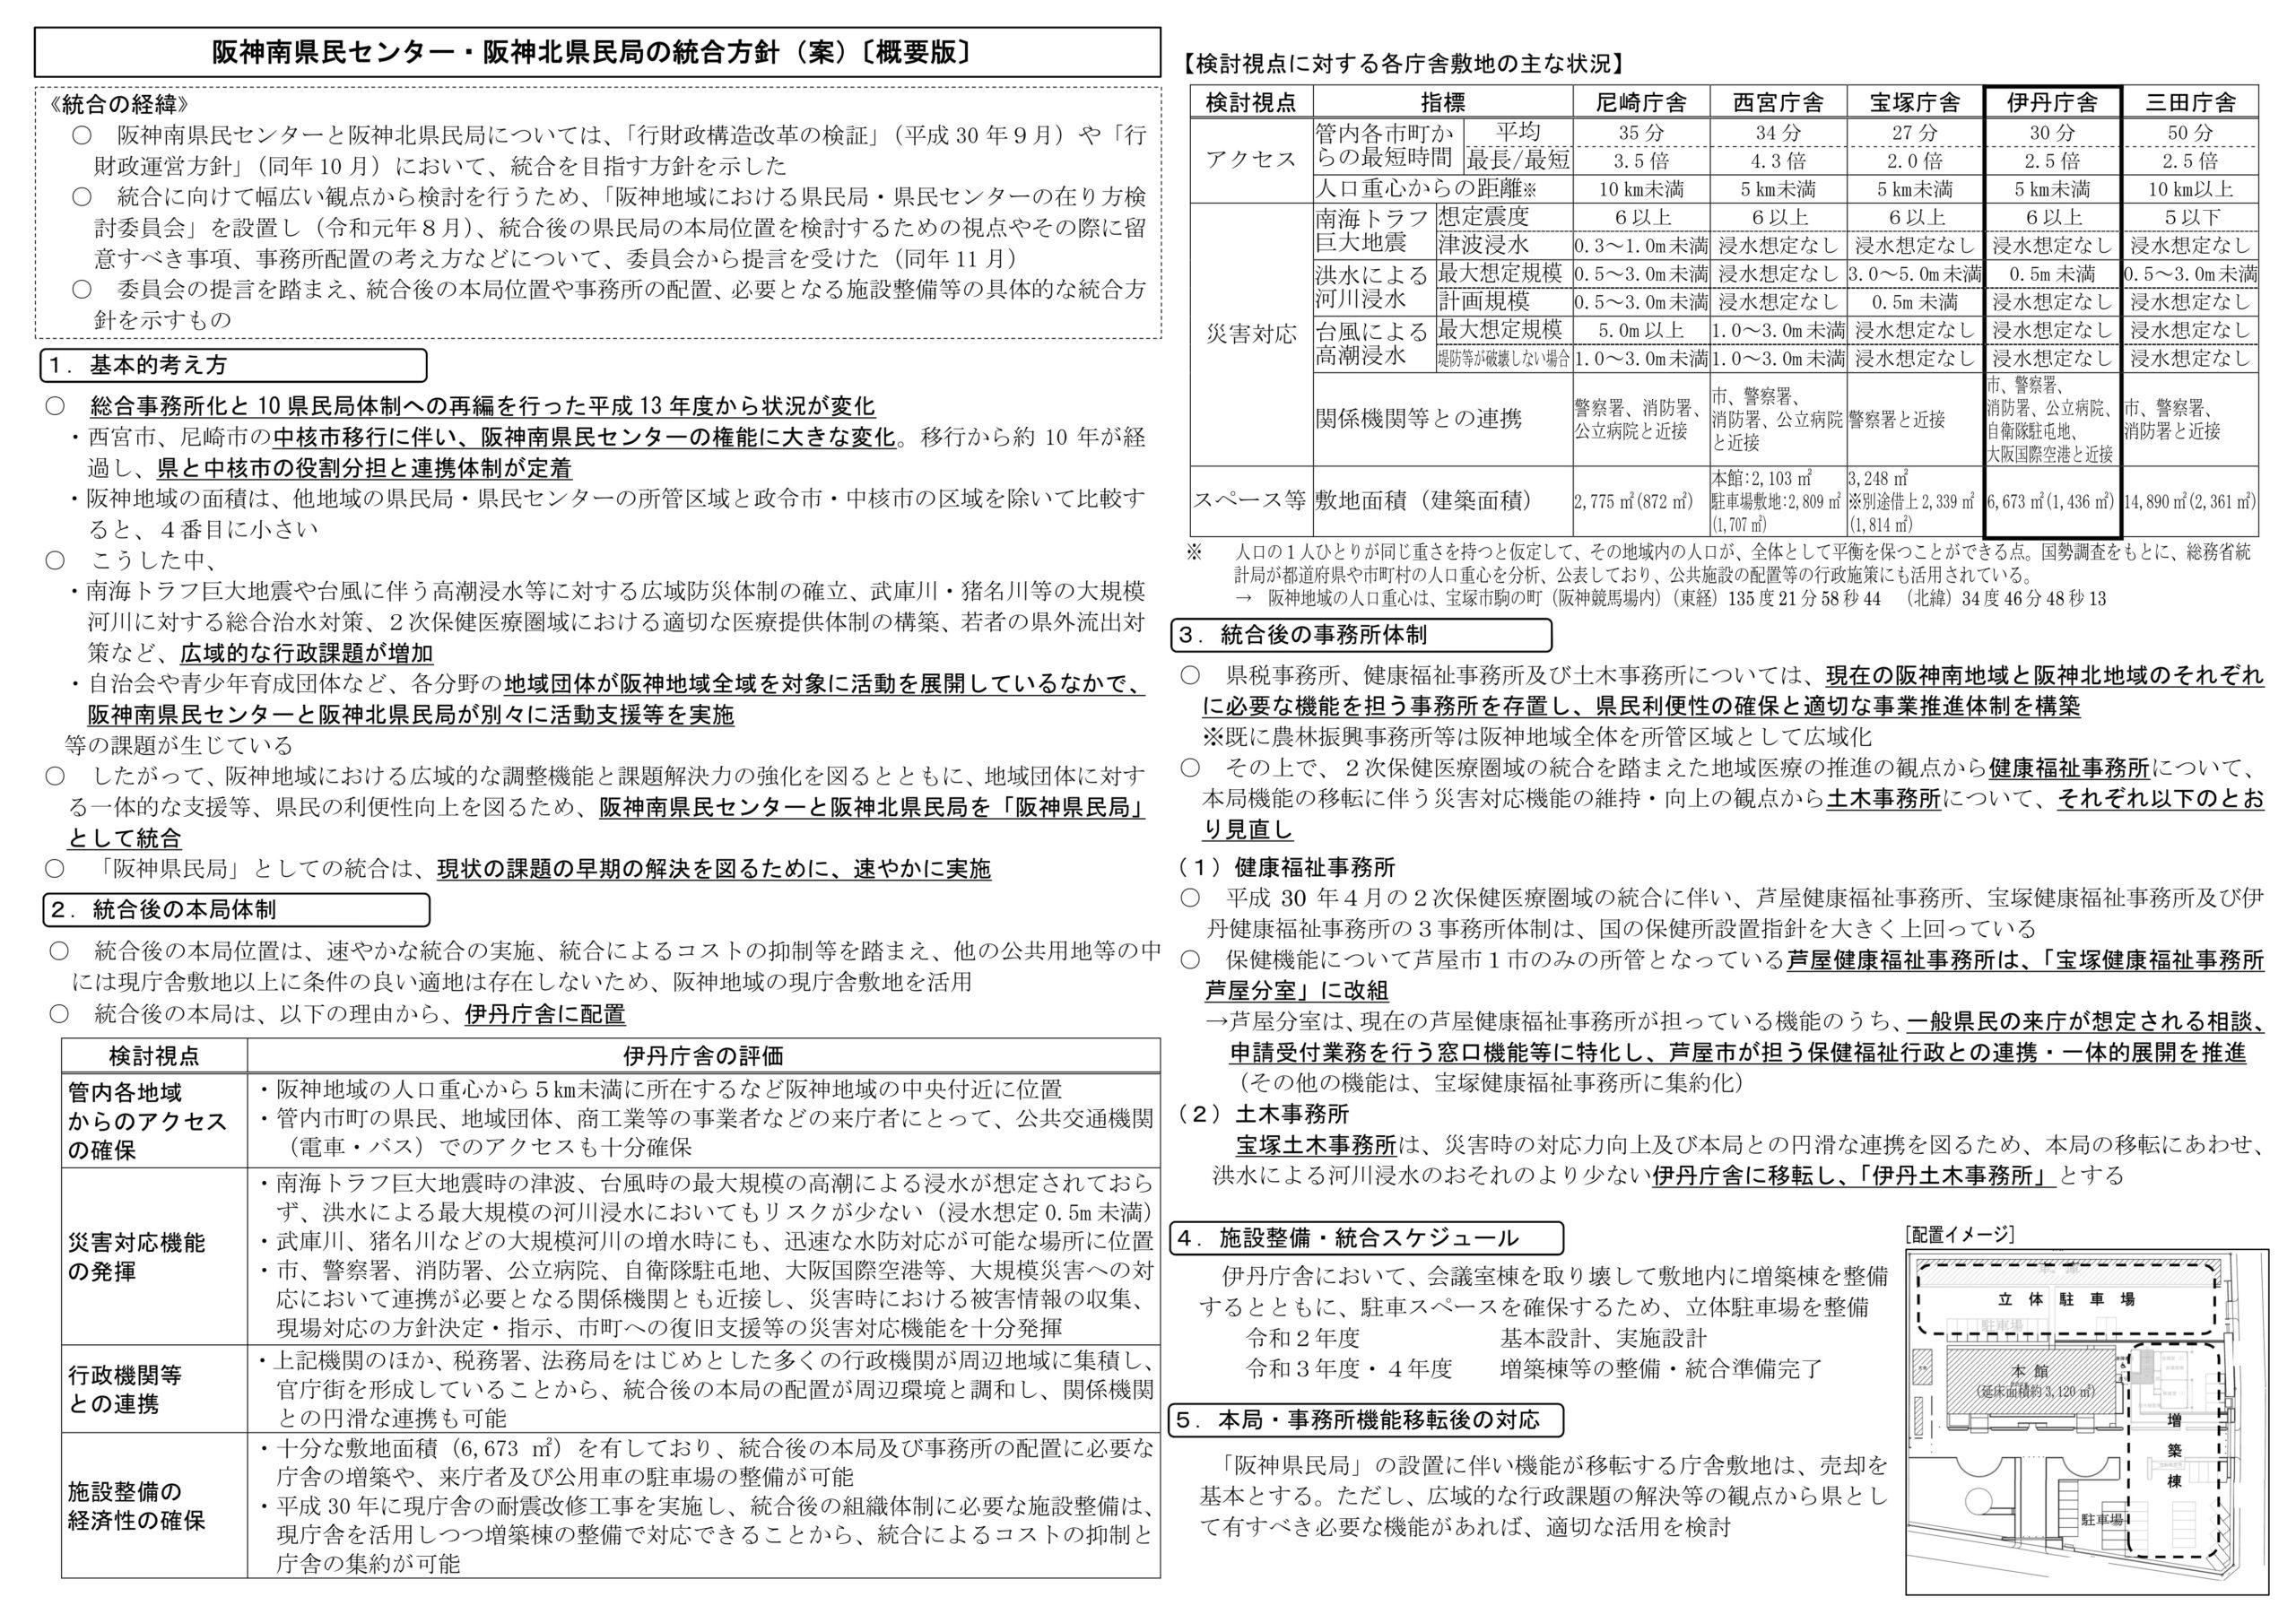 なぜ「阪神県民局」の事って話題にならないのでしょうか?